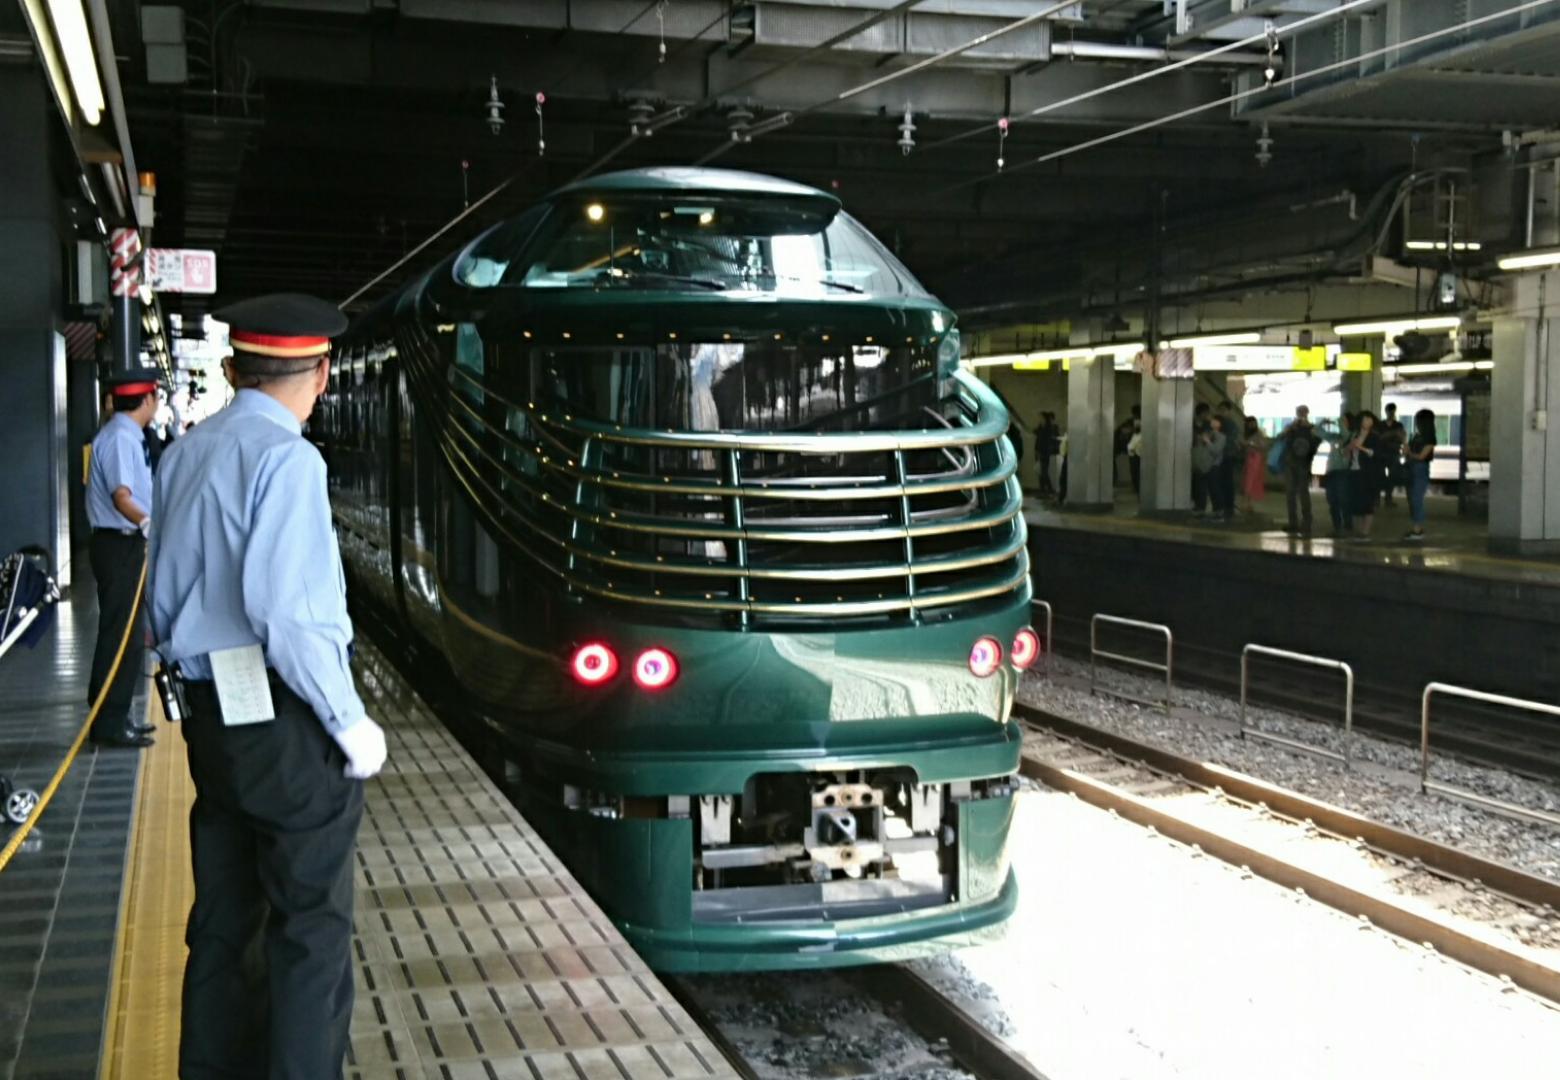 2017.6.3 豊岡 (19) 京都 - 瑞風 1560-1080